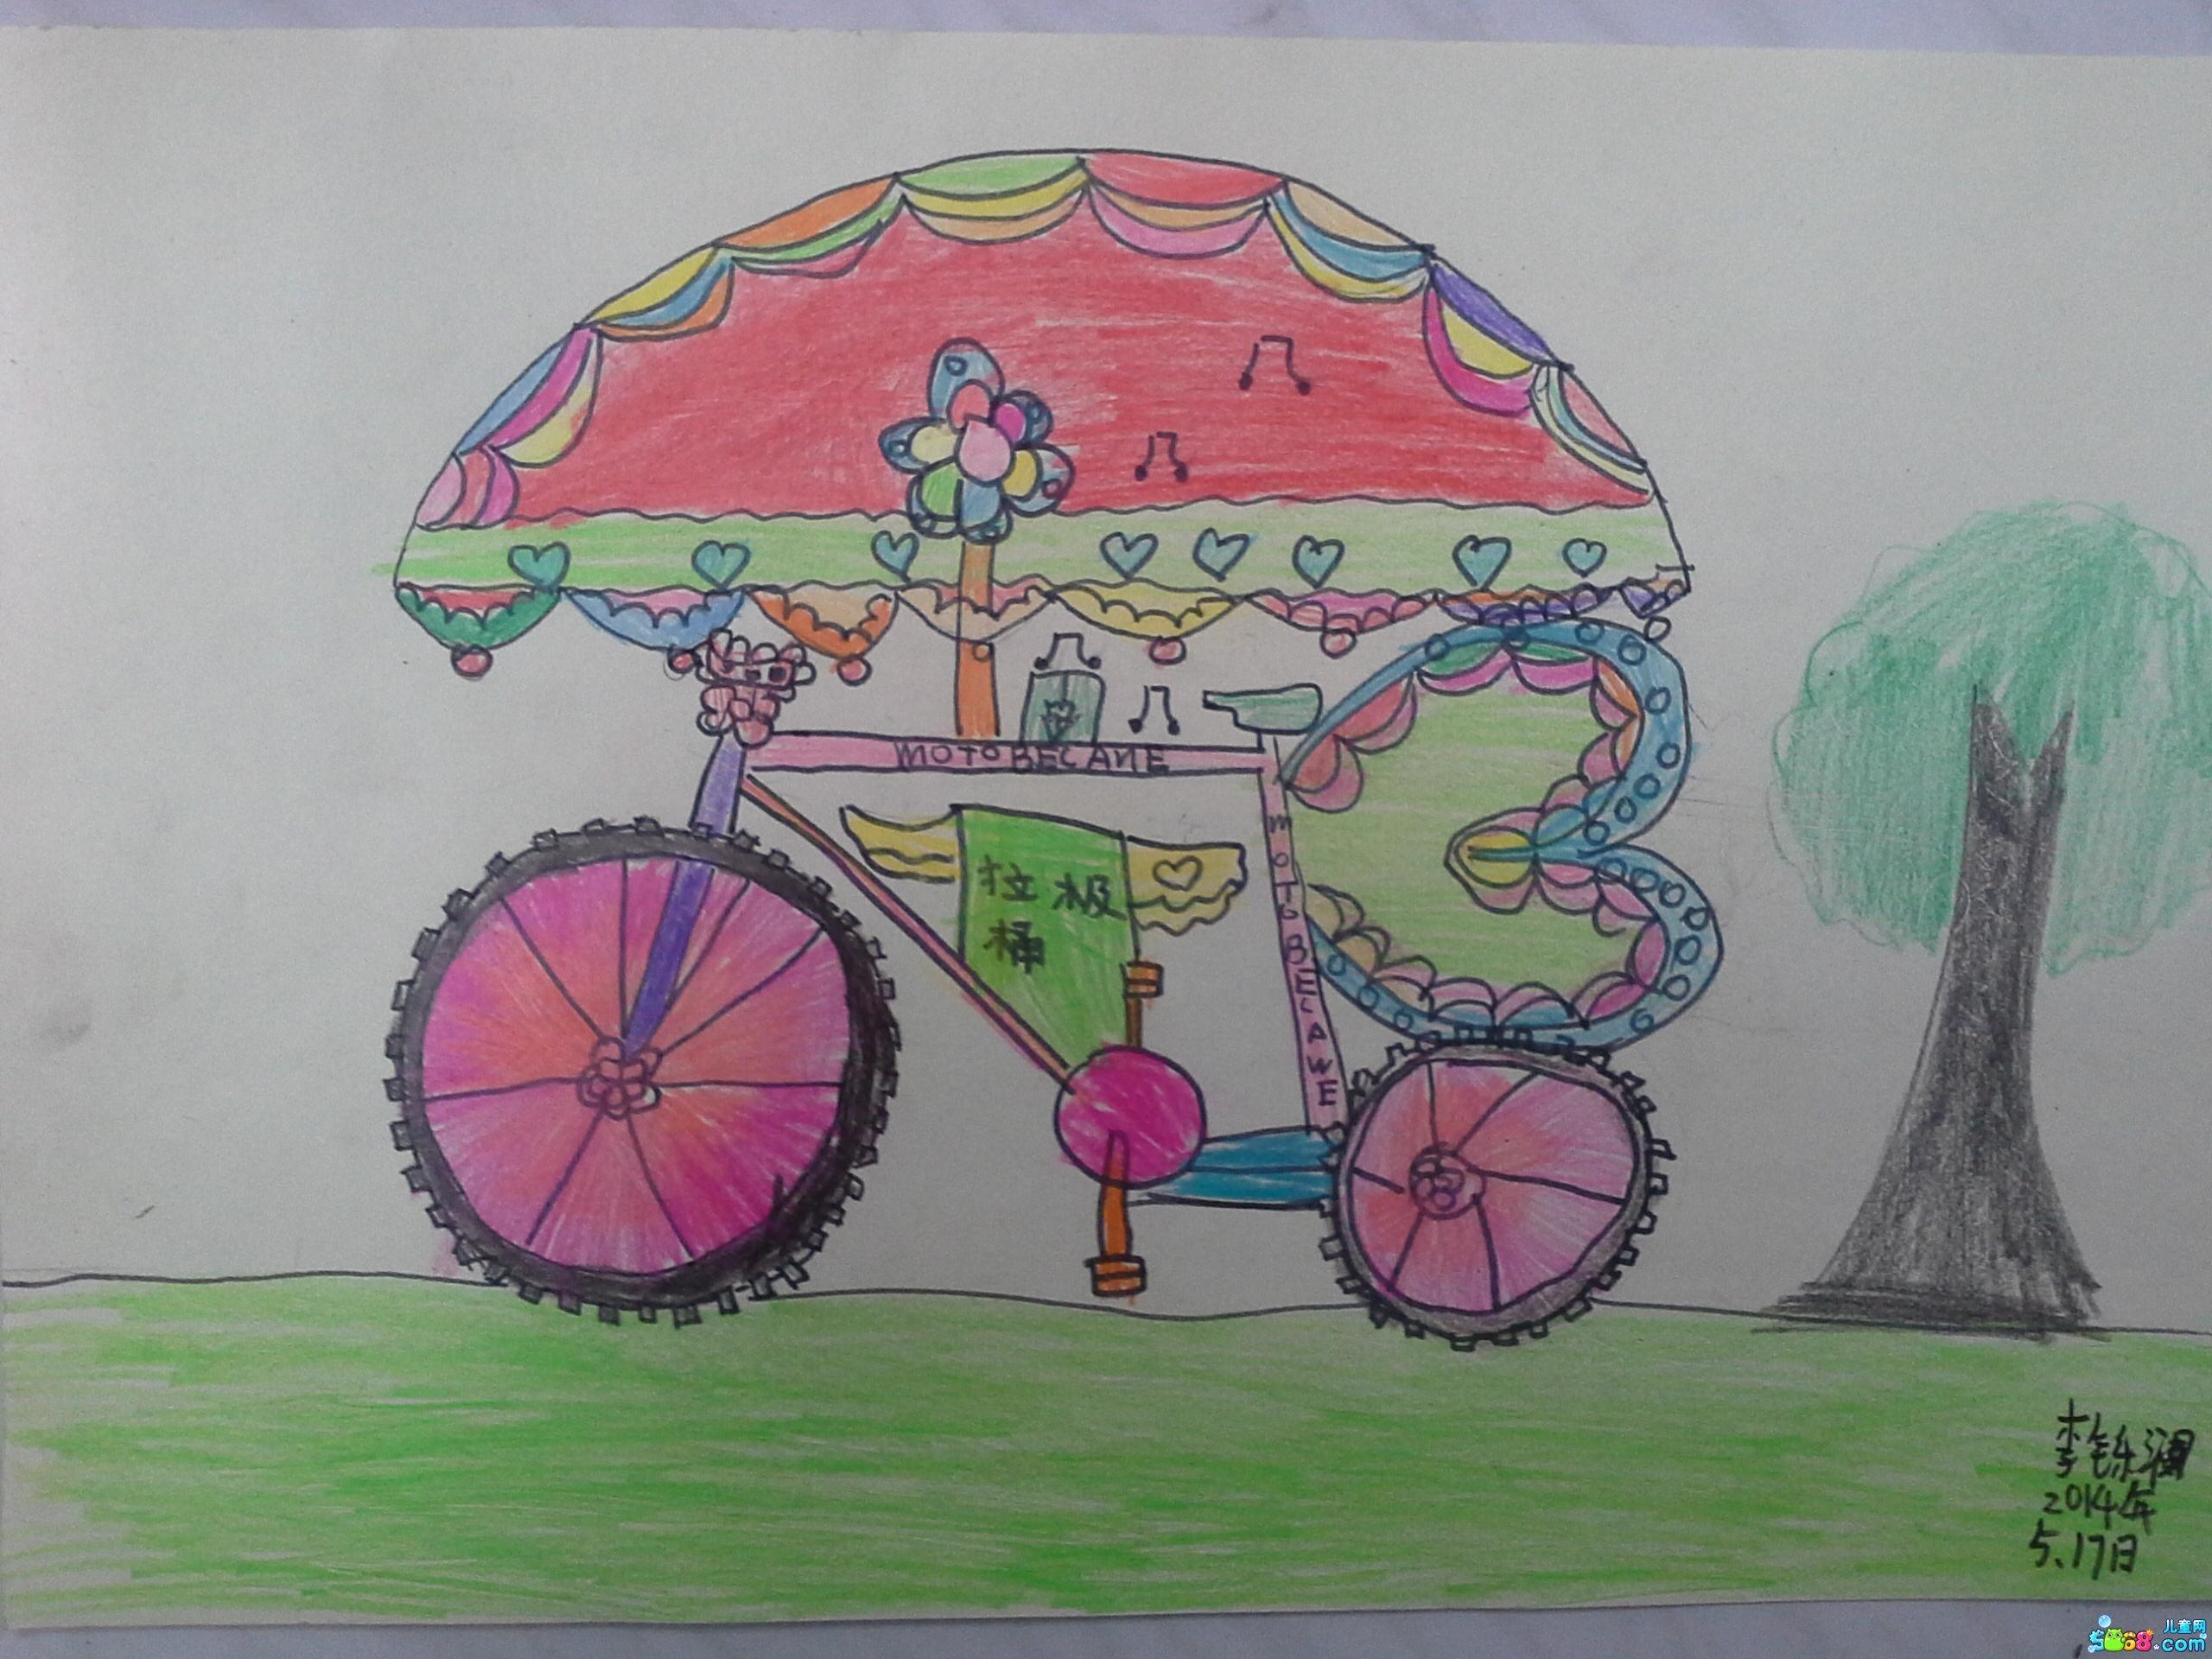 自行车-蜡笔画图集图片_儿童蜡笔画_少儿图库_中国图片